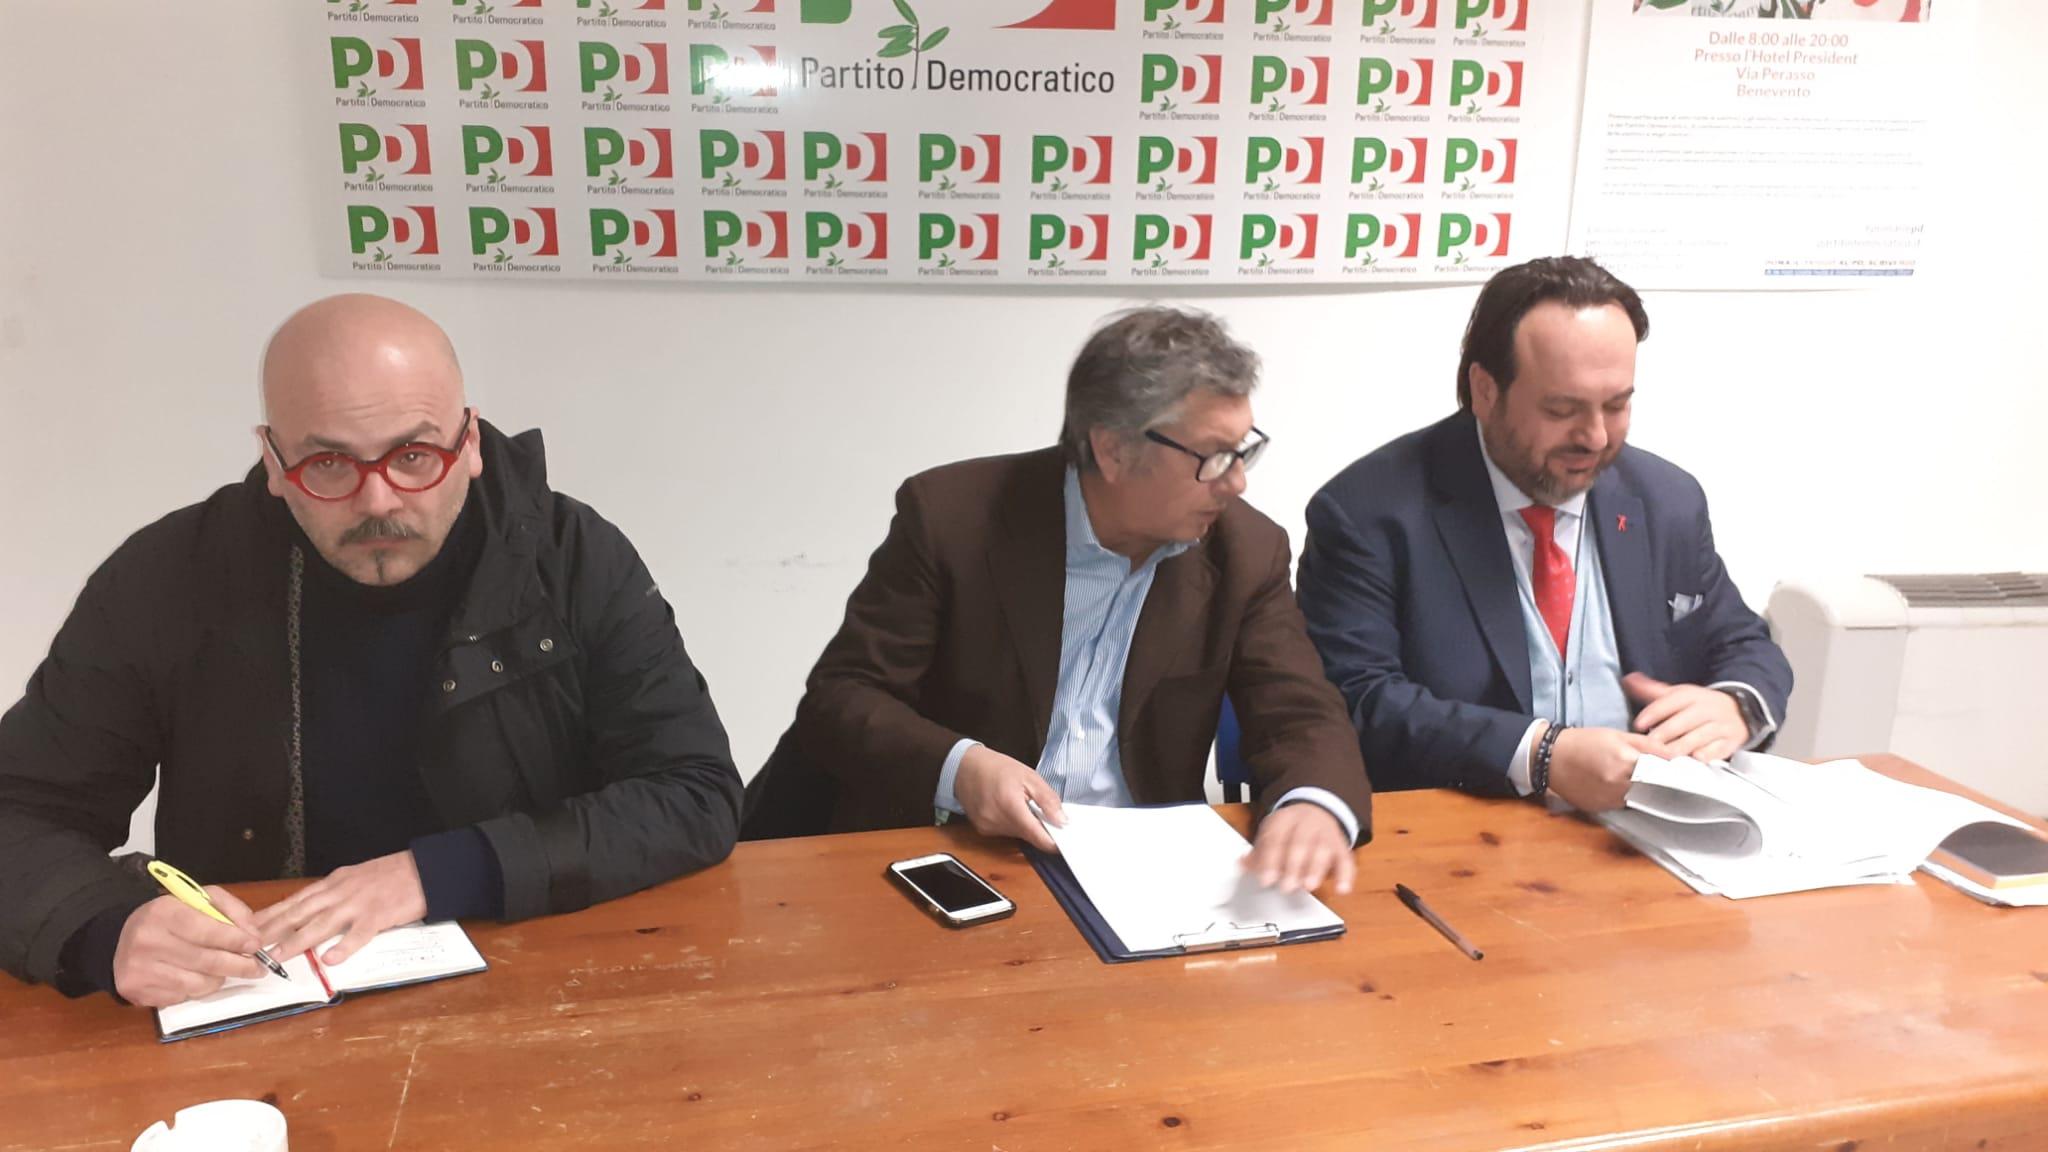 Benevento| Il PD coeso resta all'opposizione